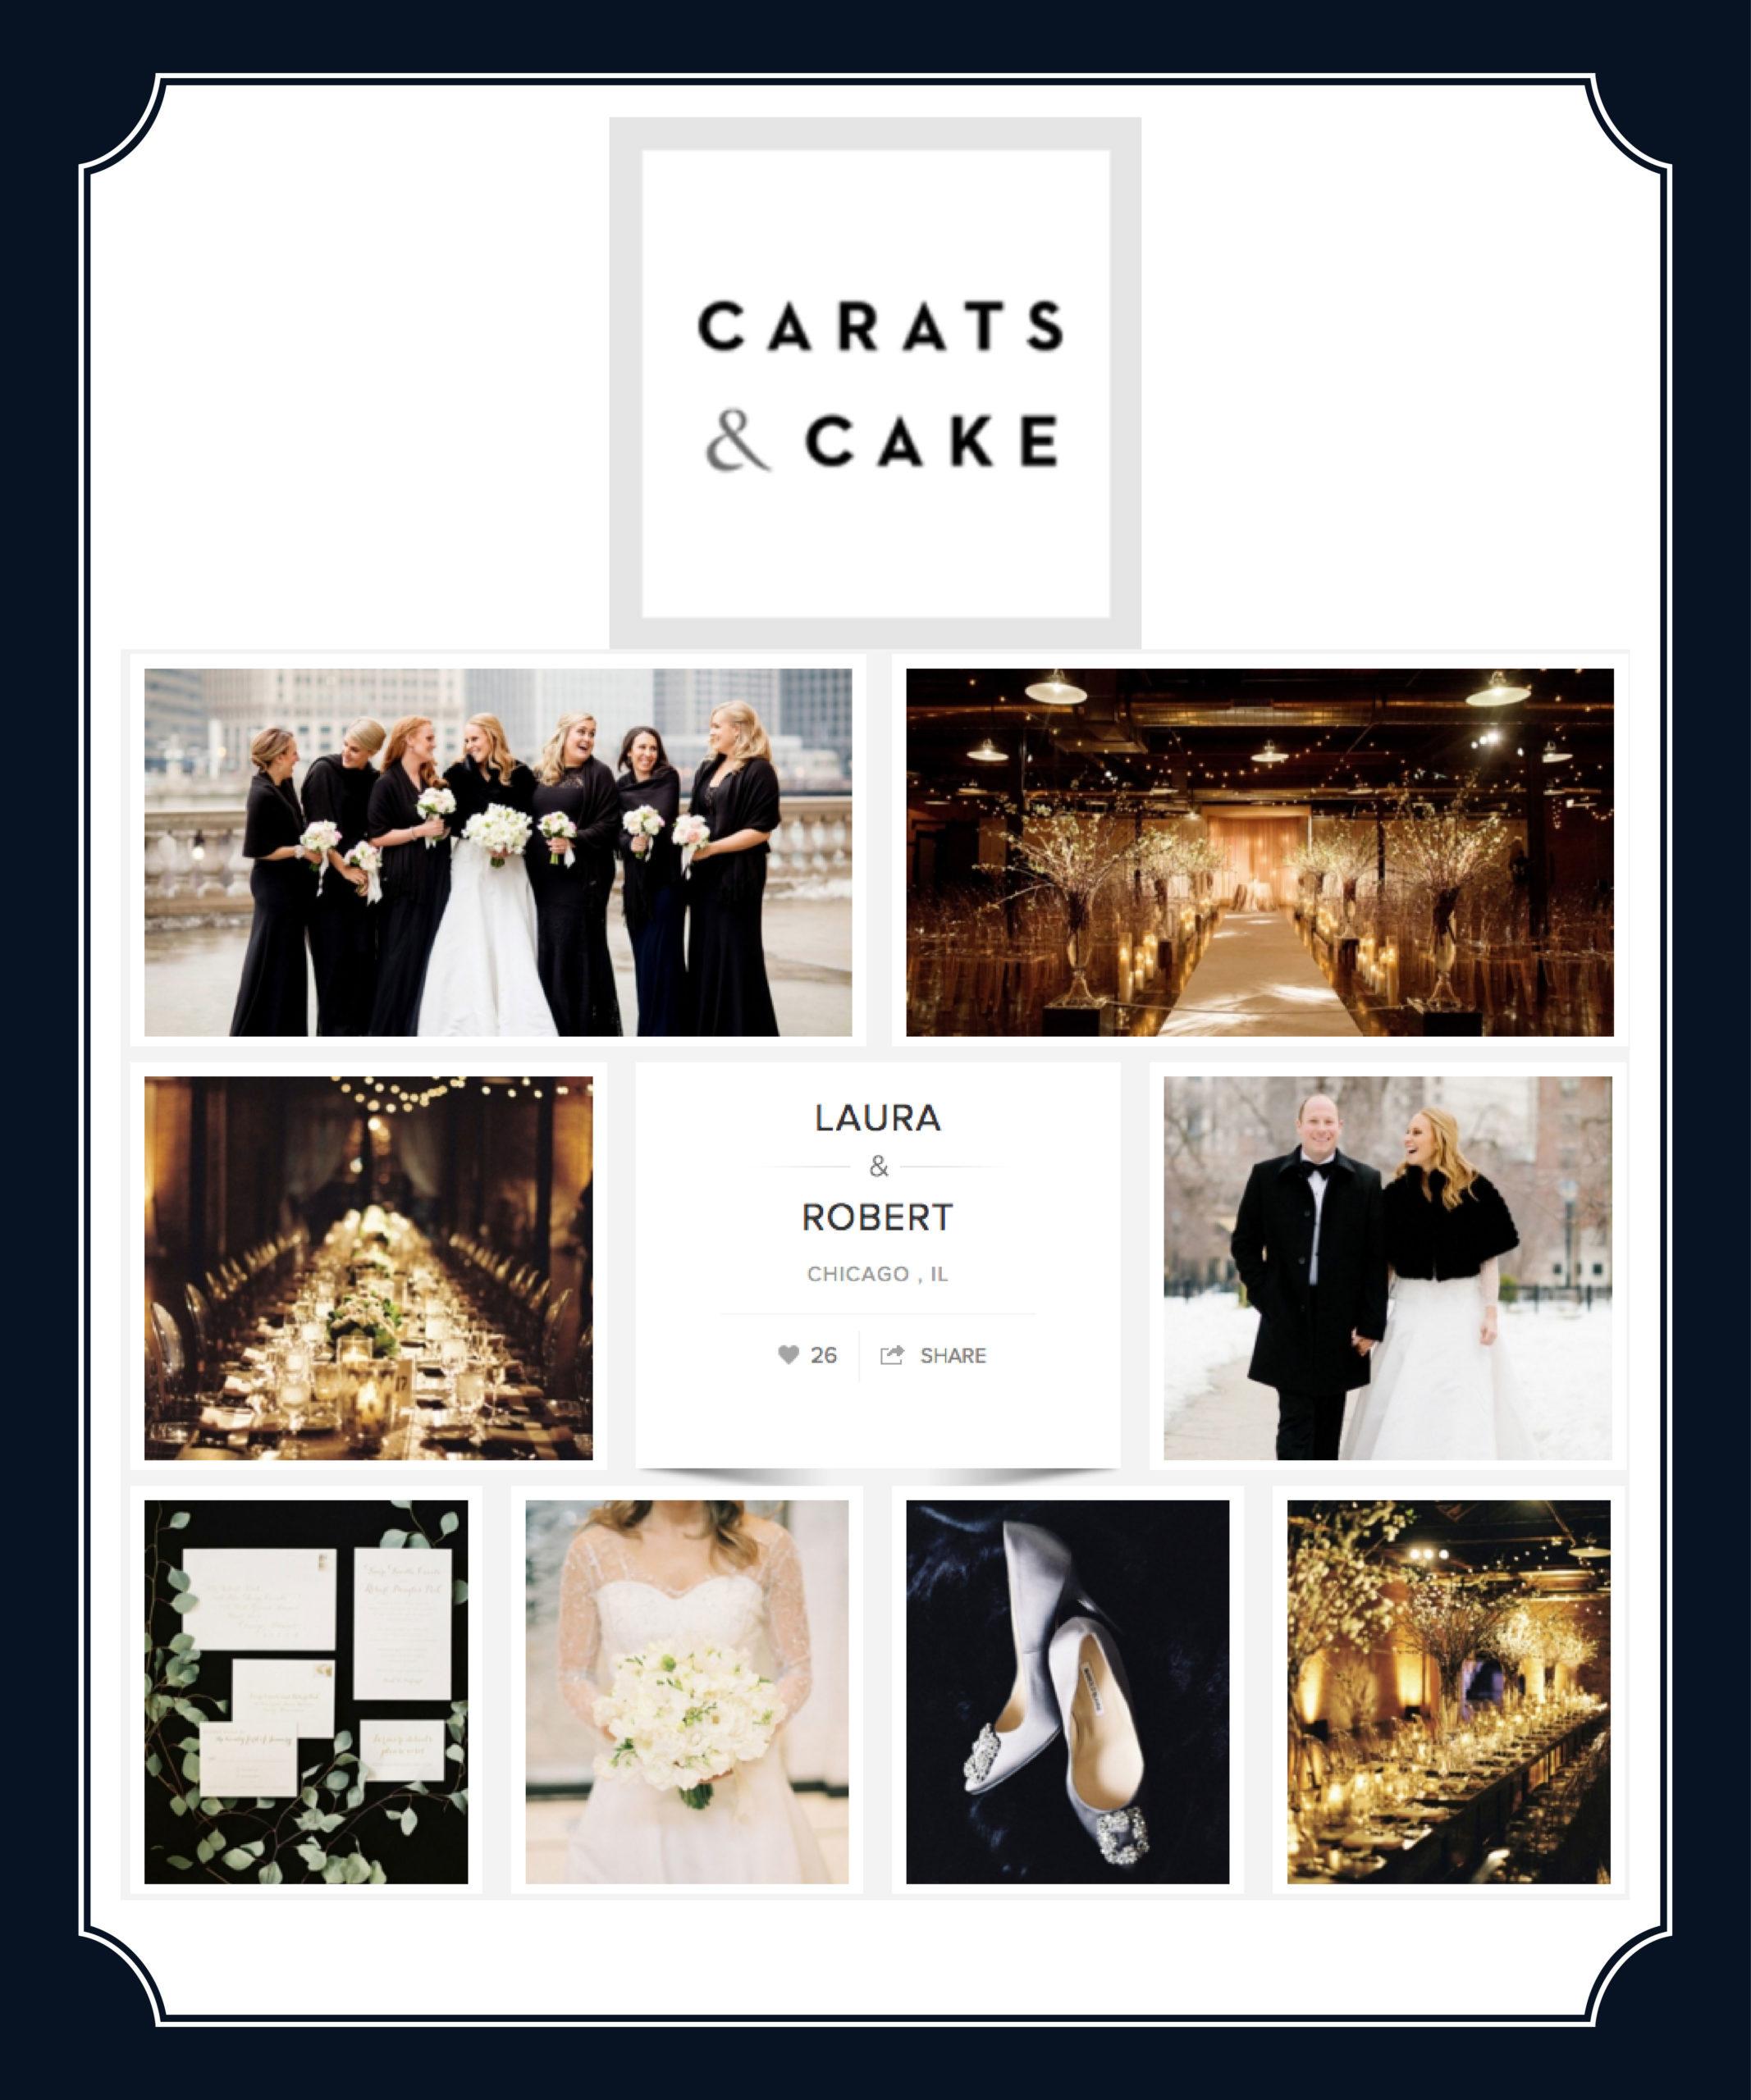 Carats&Cake_Laura&Robert_HMR-01